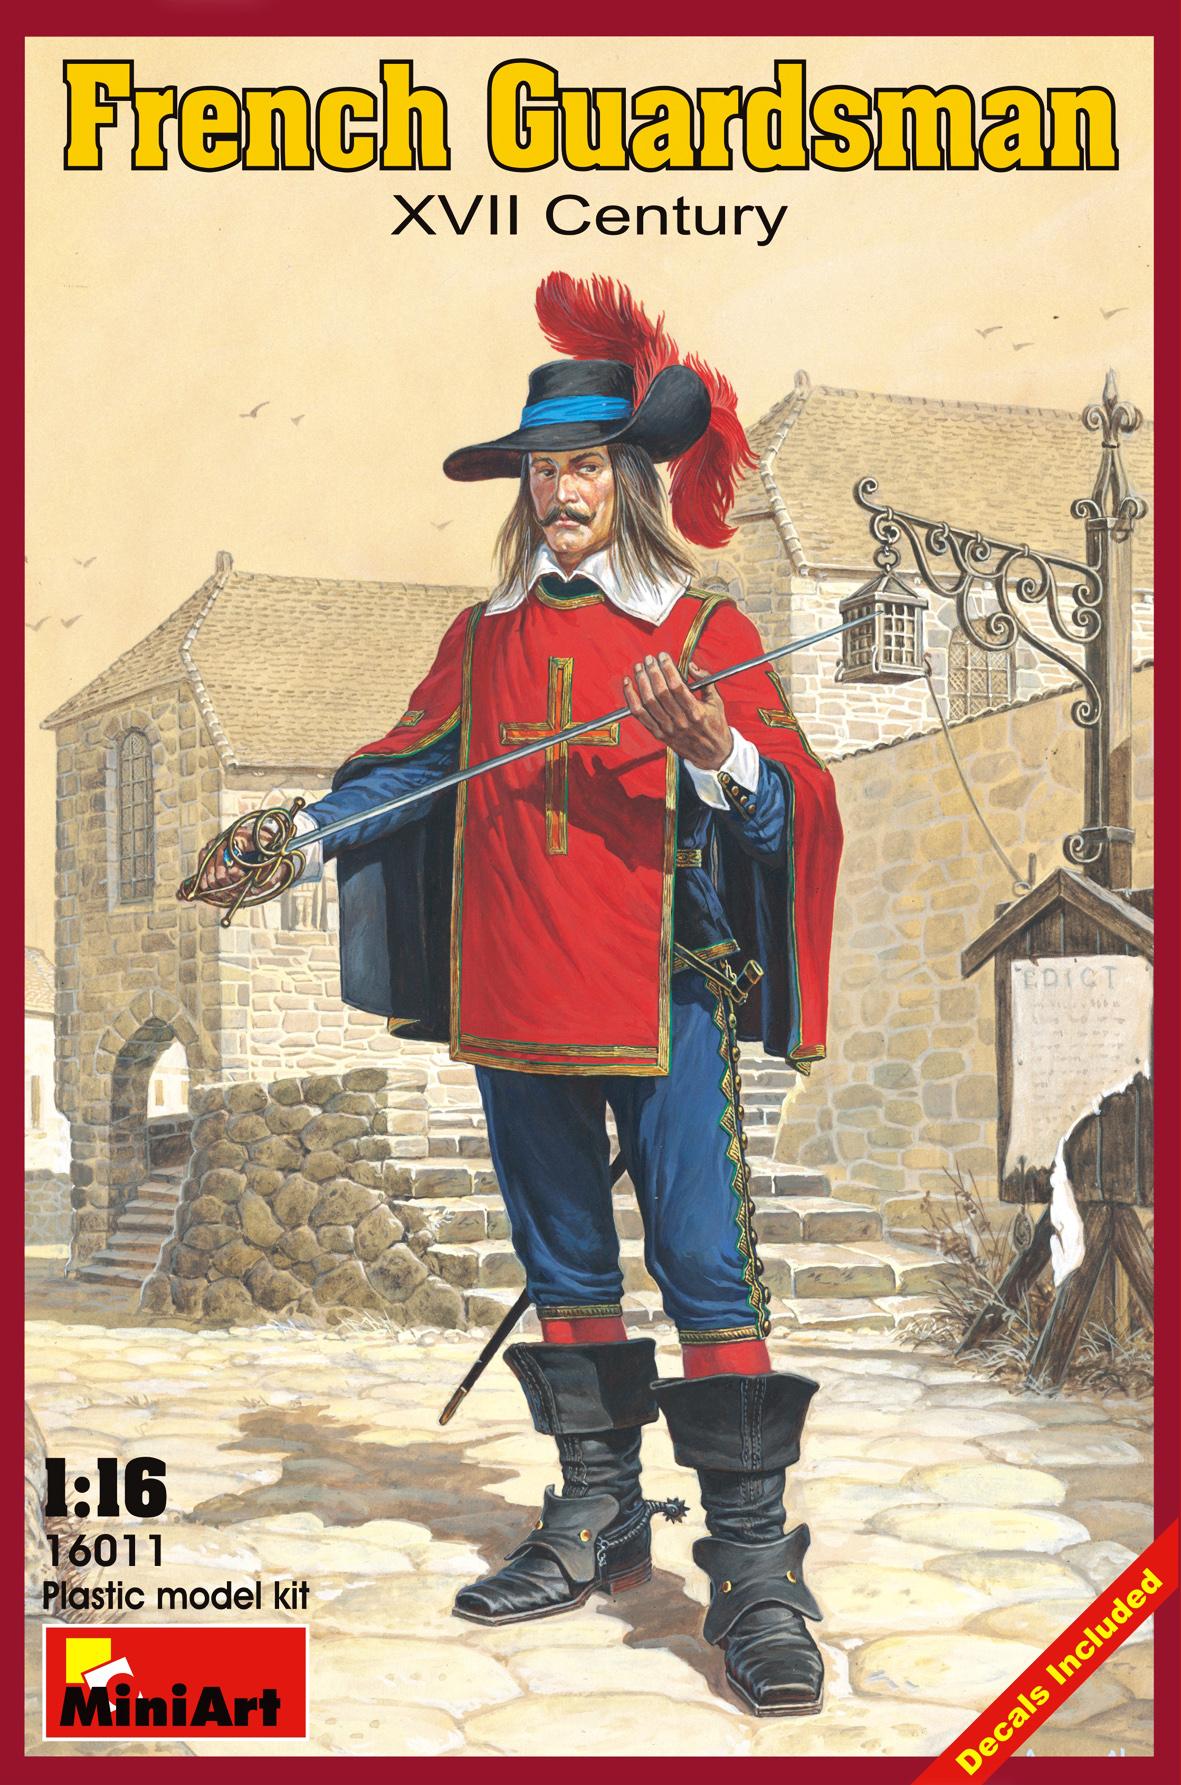 16011フランス衛兵